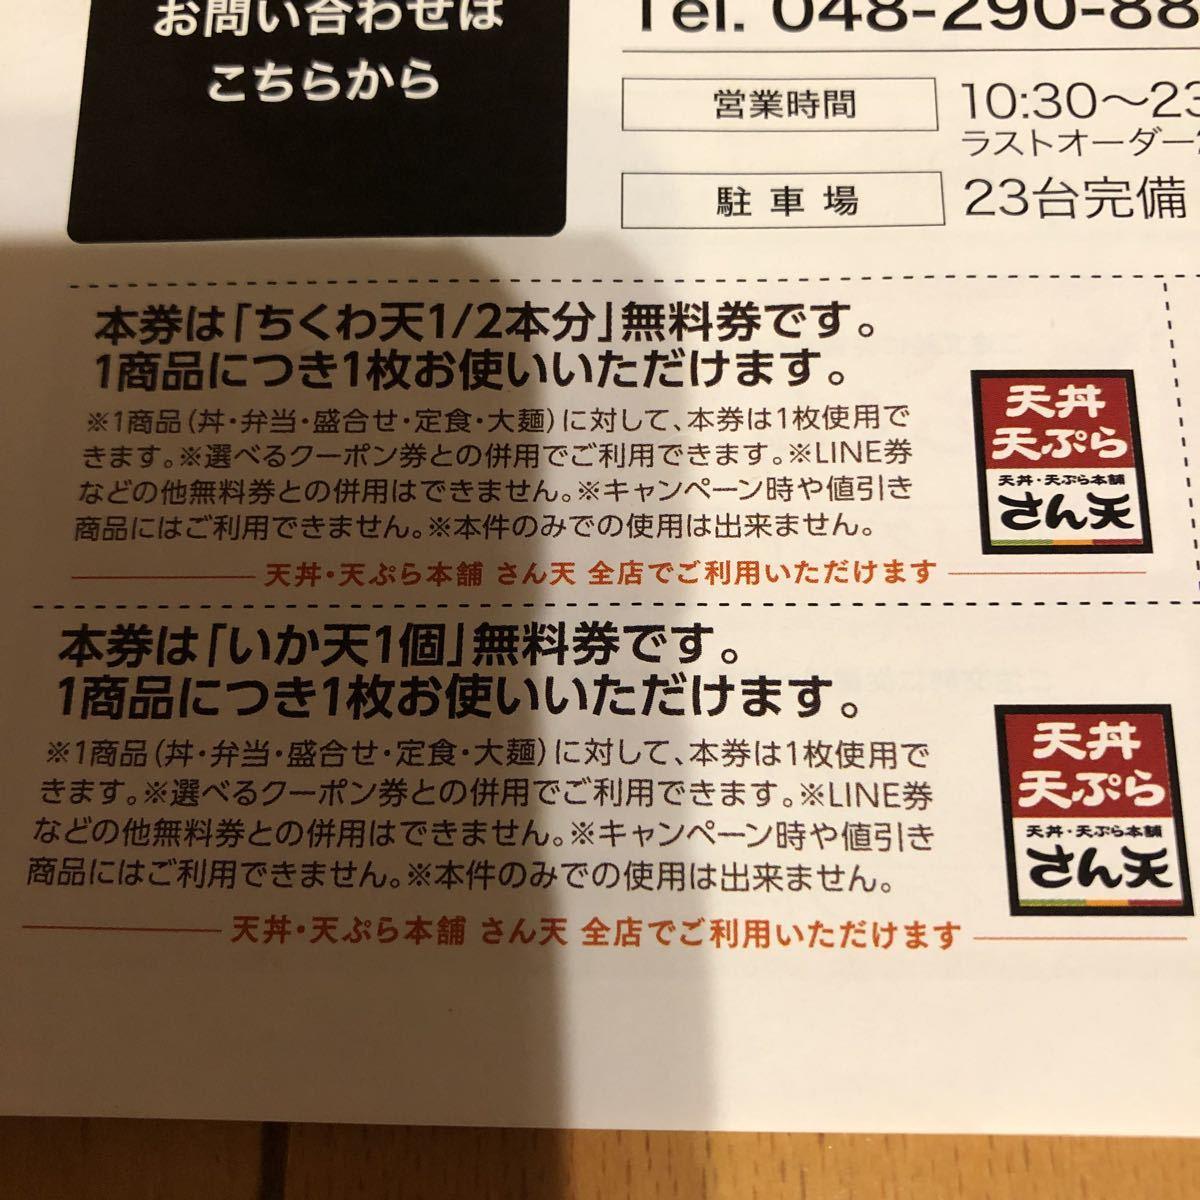 ★送料63円★天丼・天ぷら本舗 さん天 クーポン 全店利用可 ちくわ天1/2無料券 いか天無料 各種割引券 2021.04.30まで_画像3